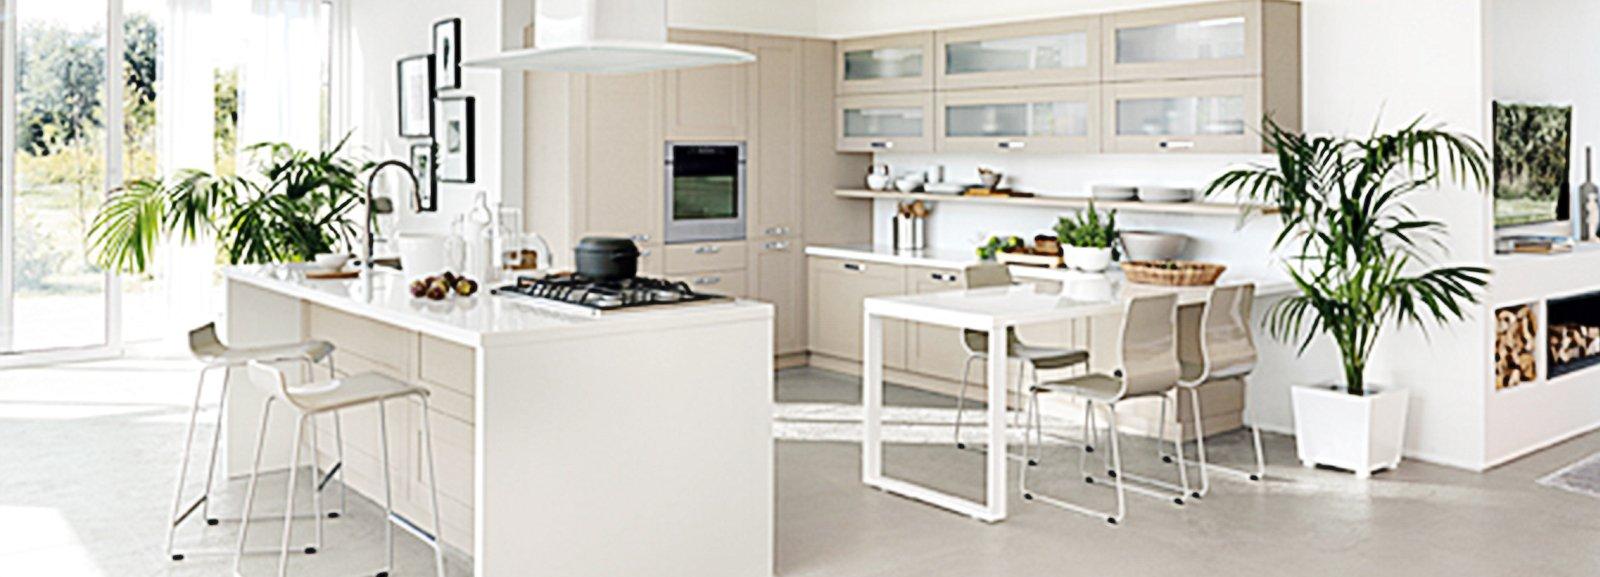 Cucina libert compositiva cose di casa - Isole cucina prezzi ...